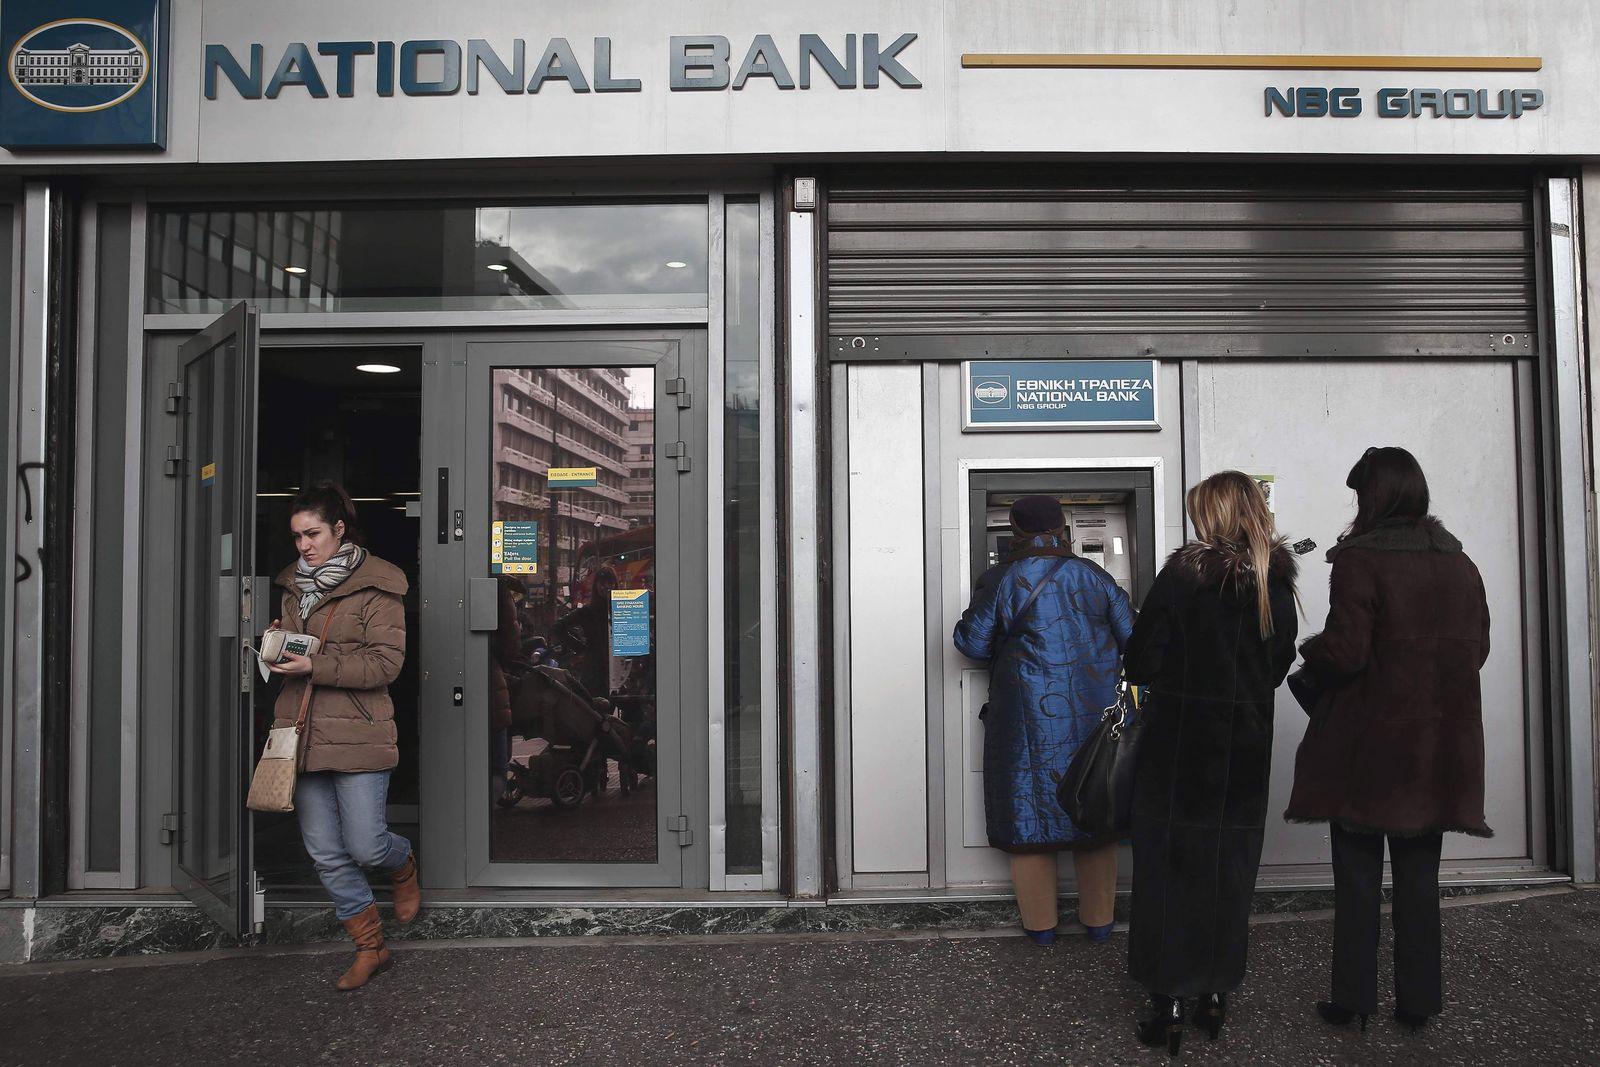 Griechenland / Bank / Athen